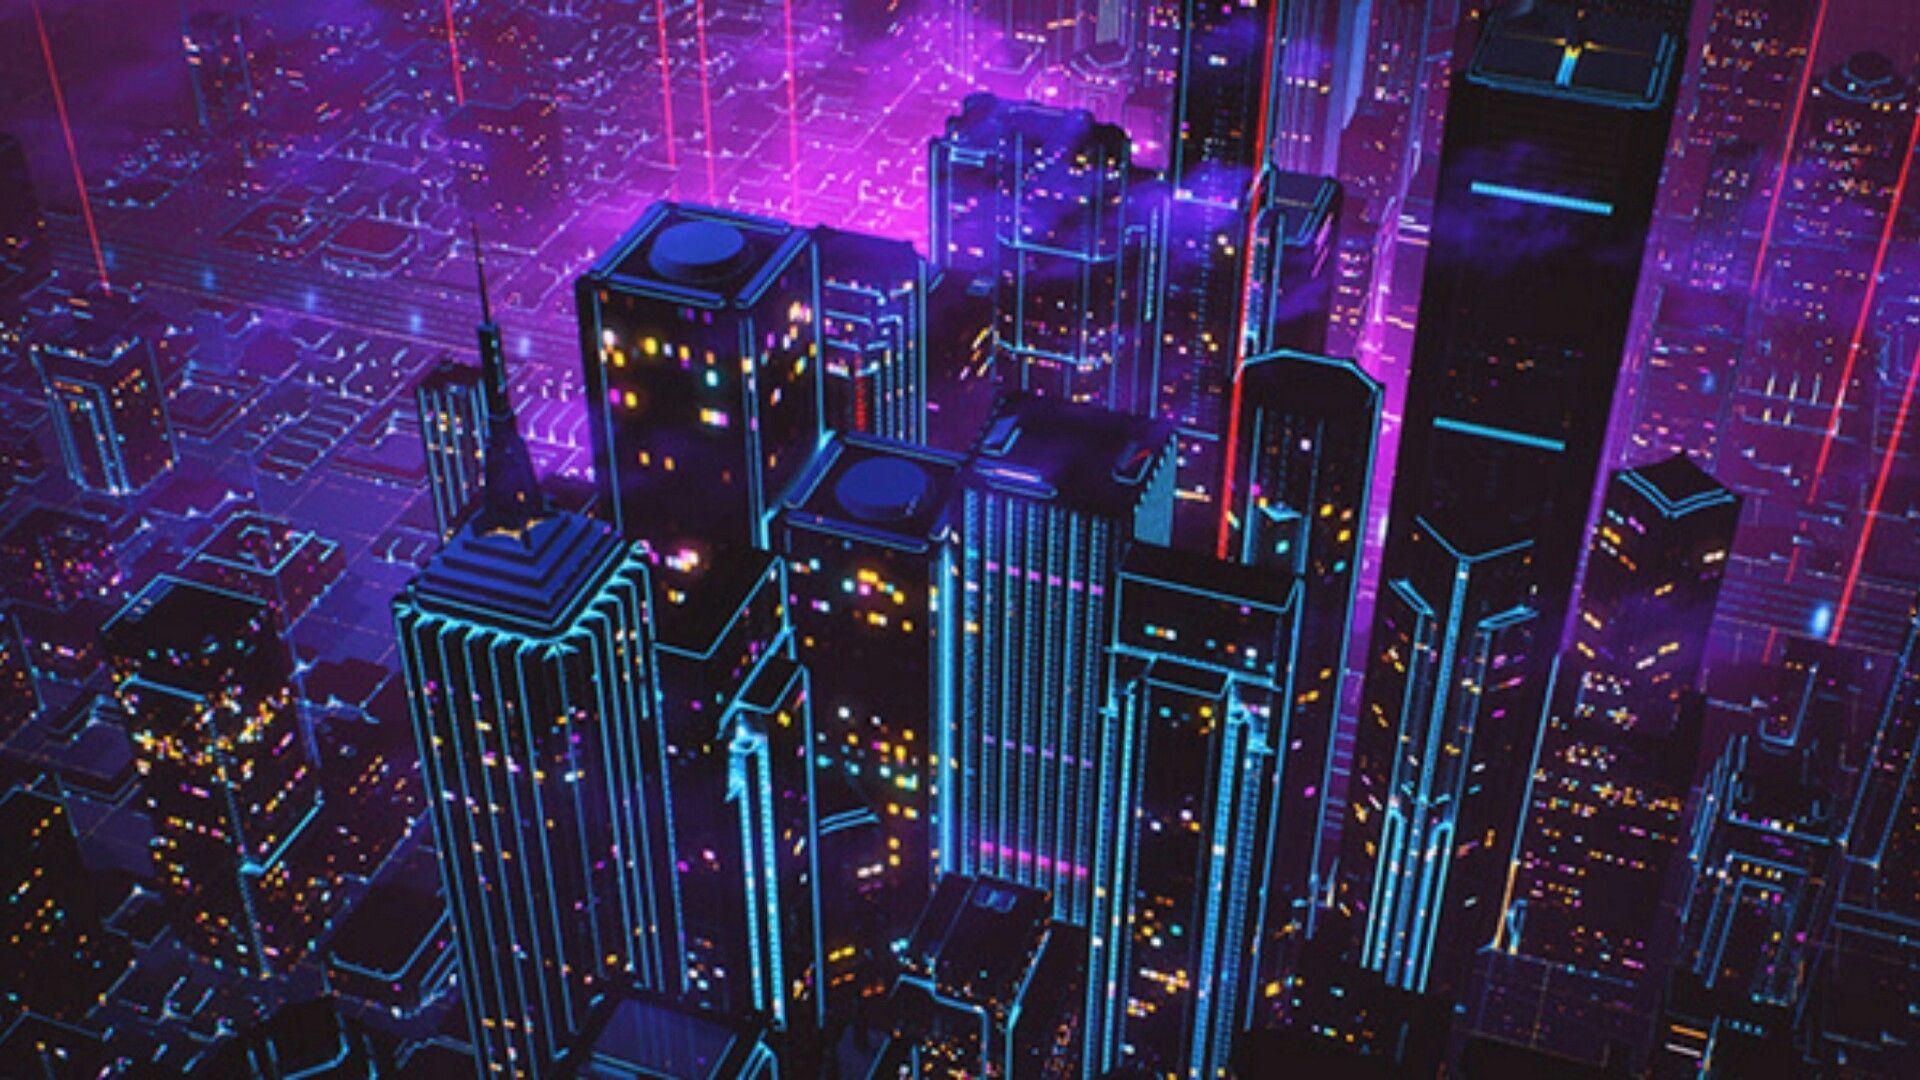 1920x1080 Neon 80s hình nền